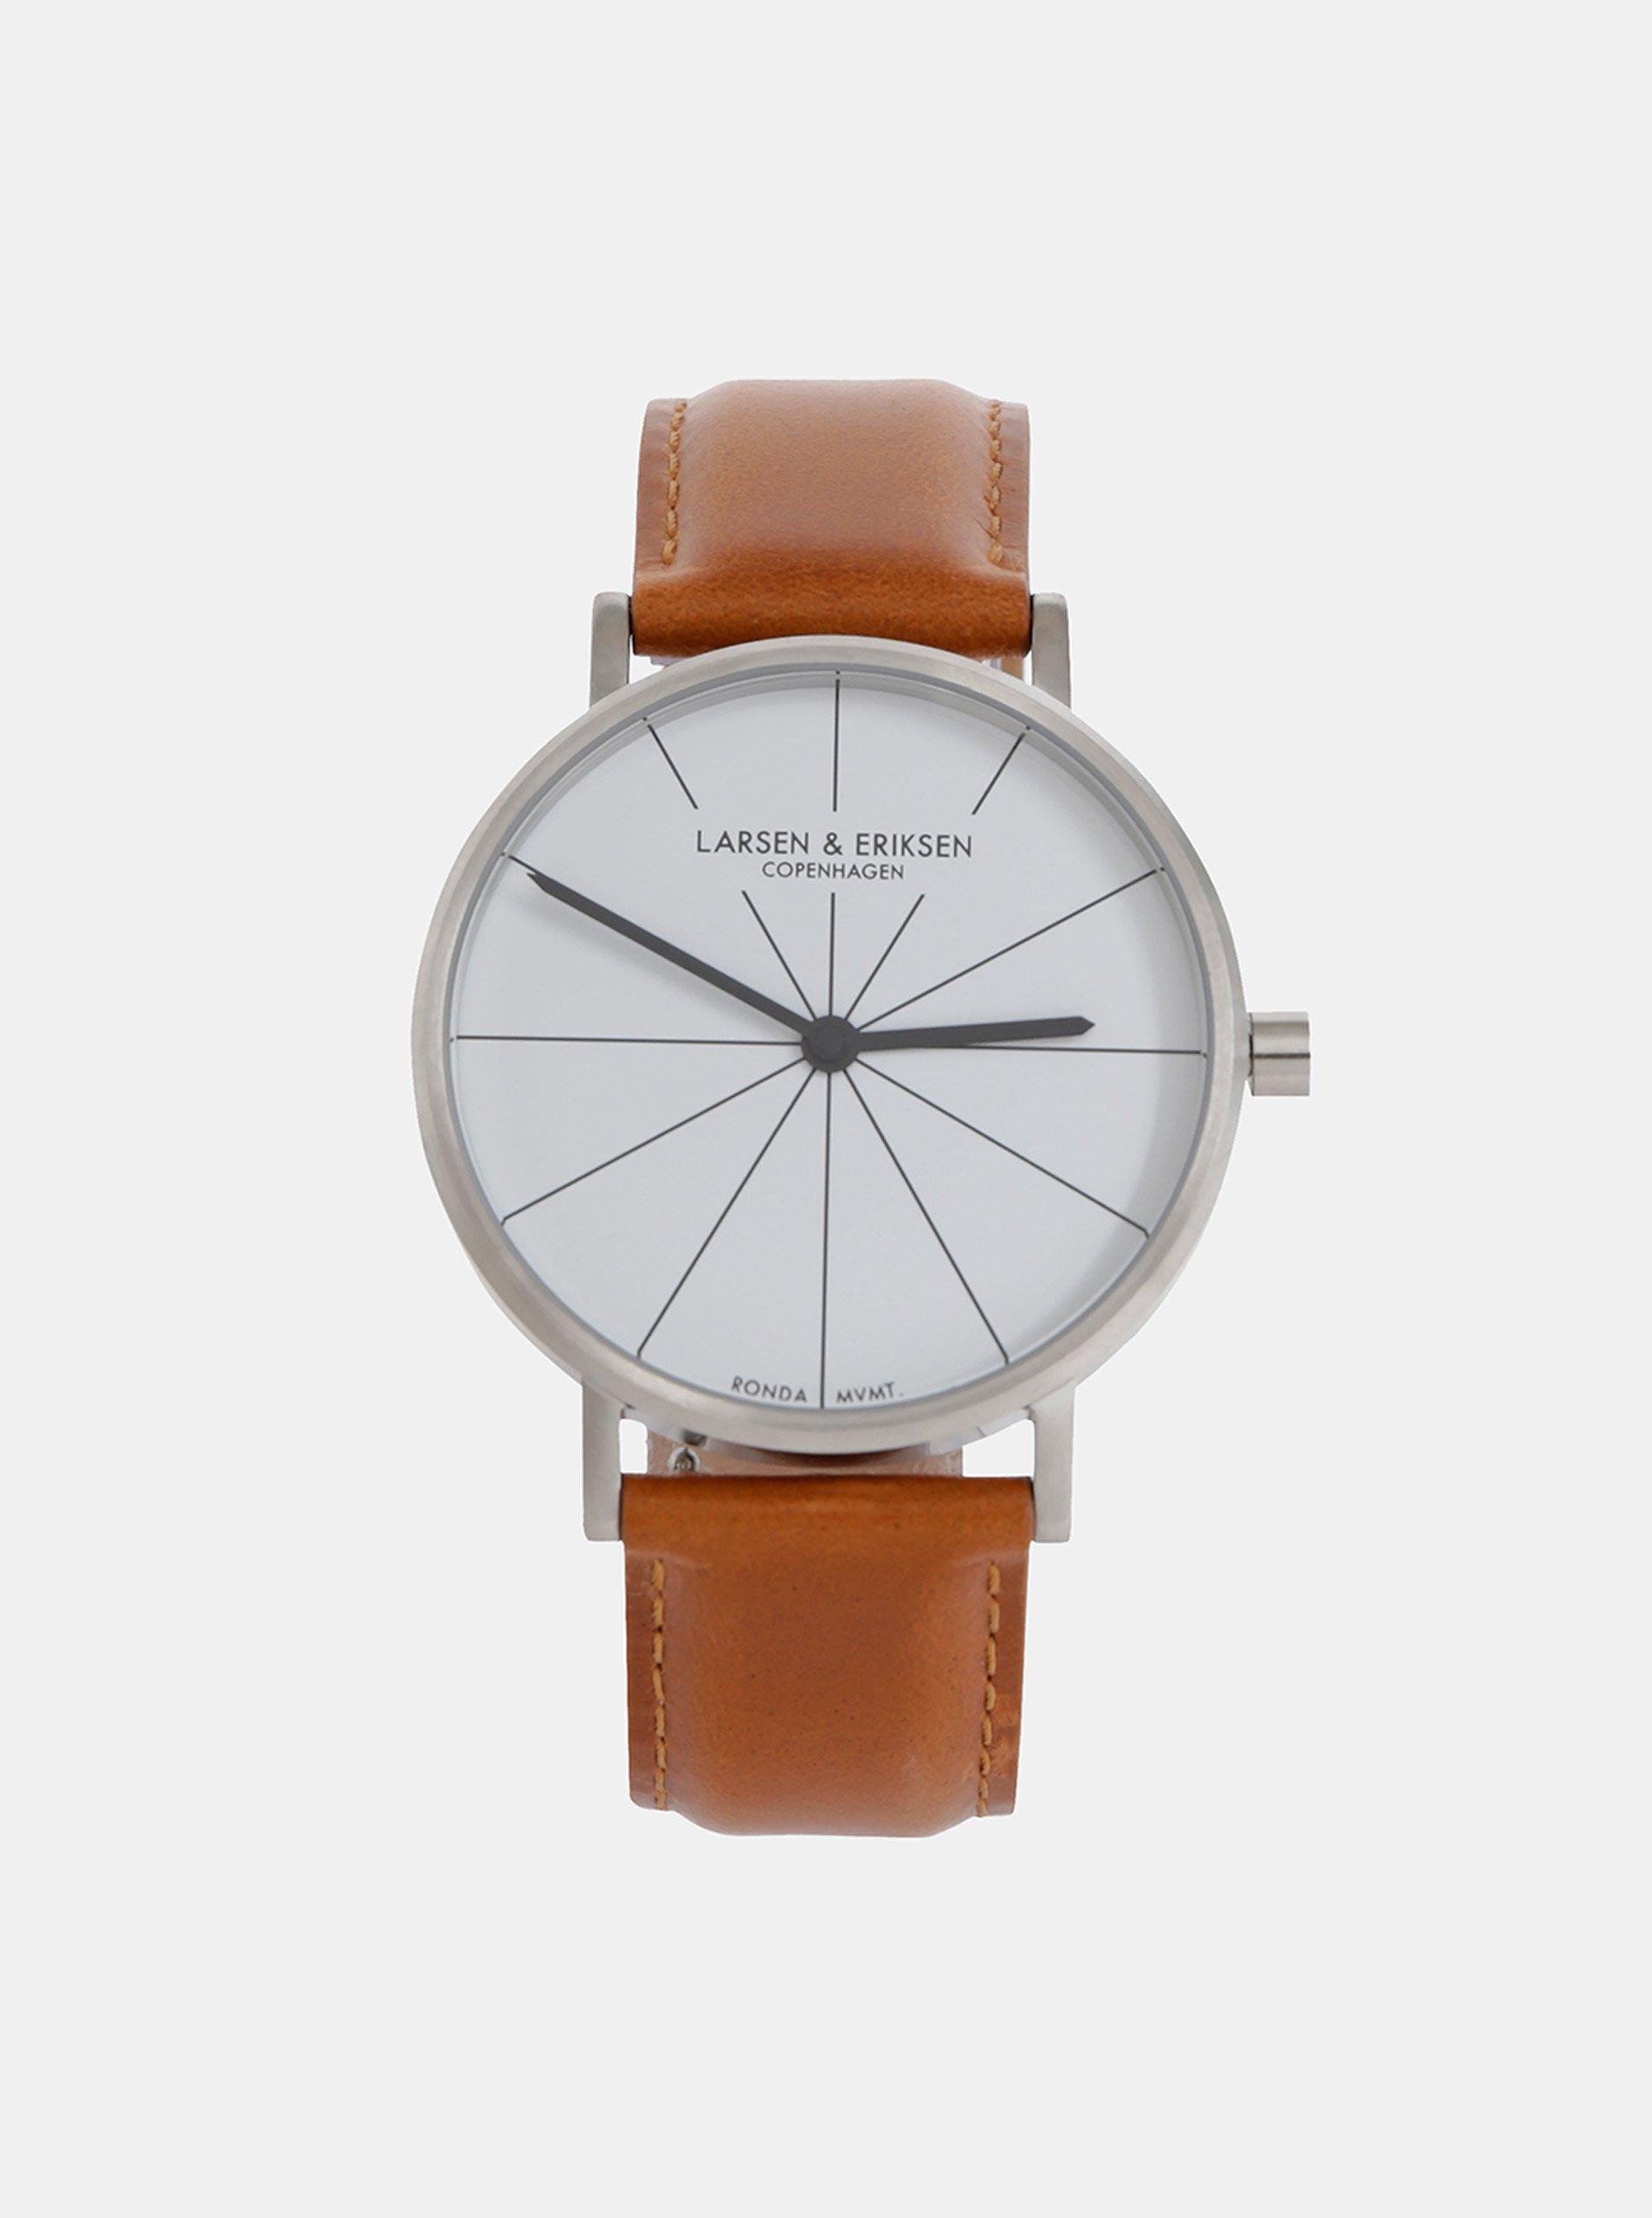 0b0f8a1c6 Pánske hodinky s hnedým koženým remienkom LARSEN & ERIKSEN